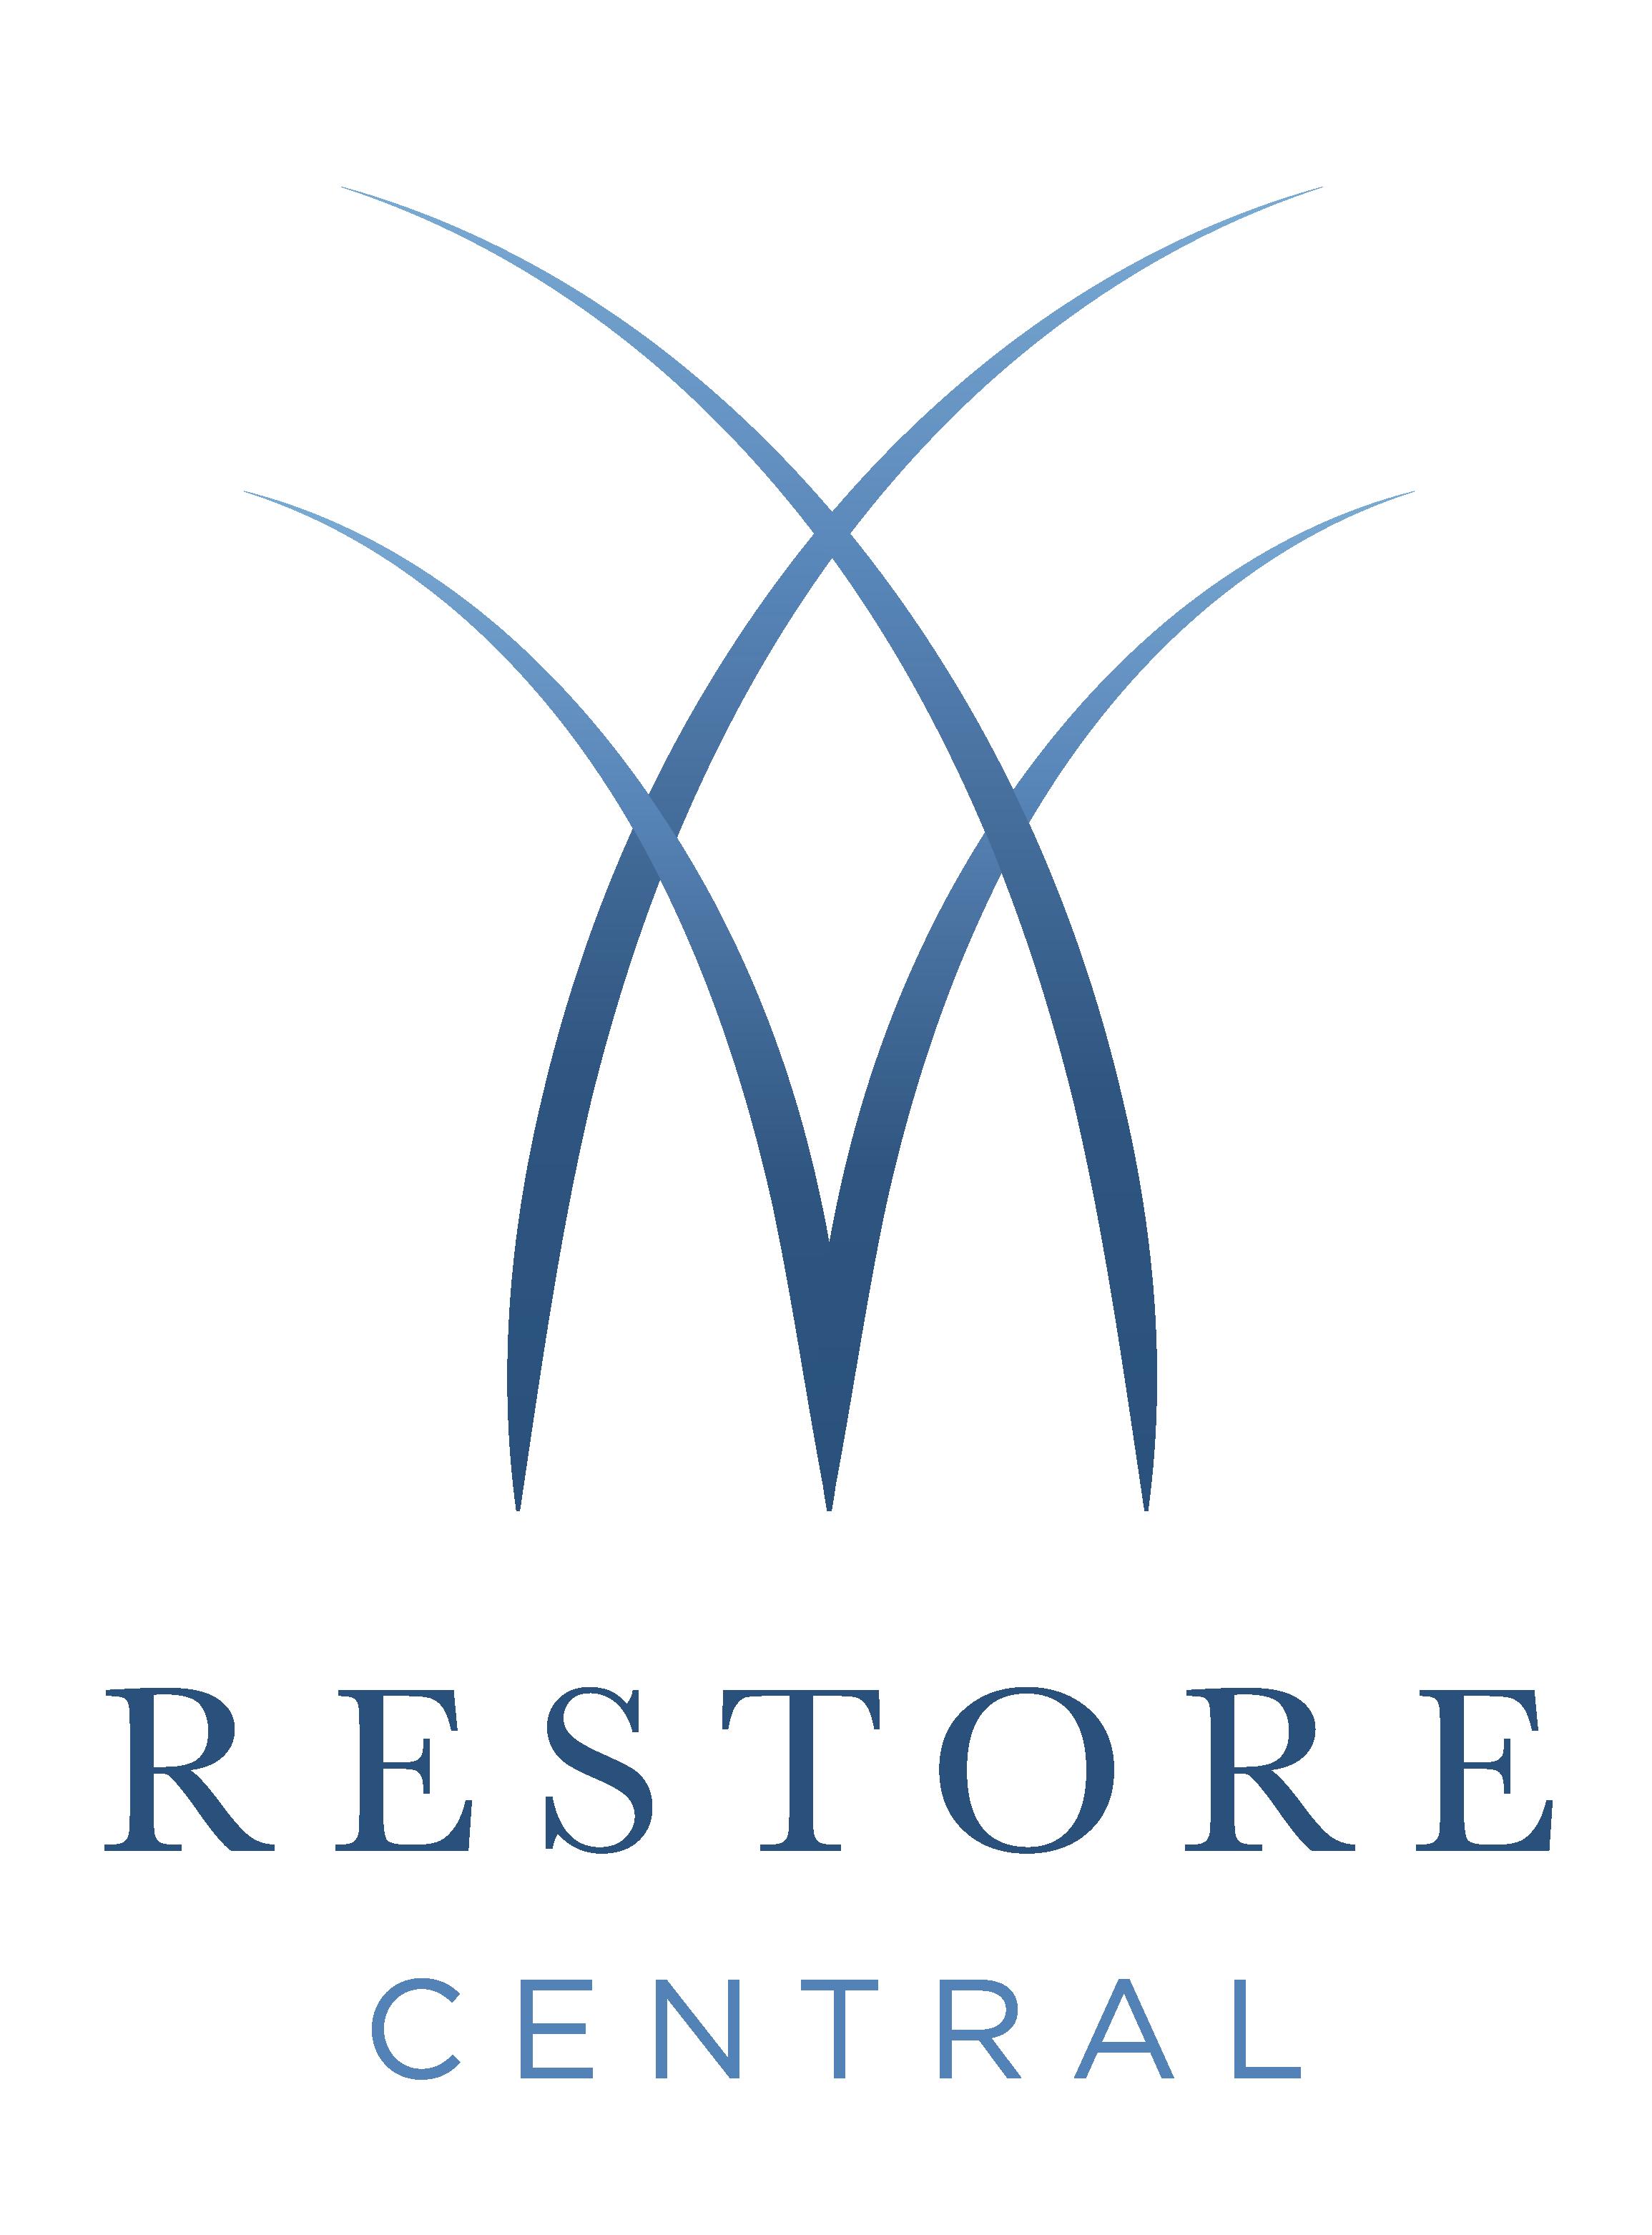 RestoreCentral-Logo-01.png